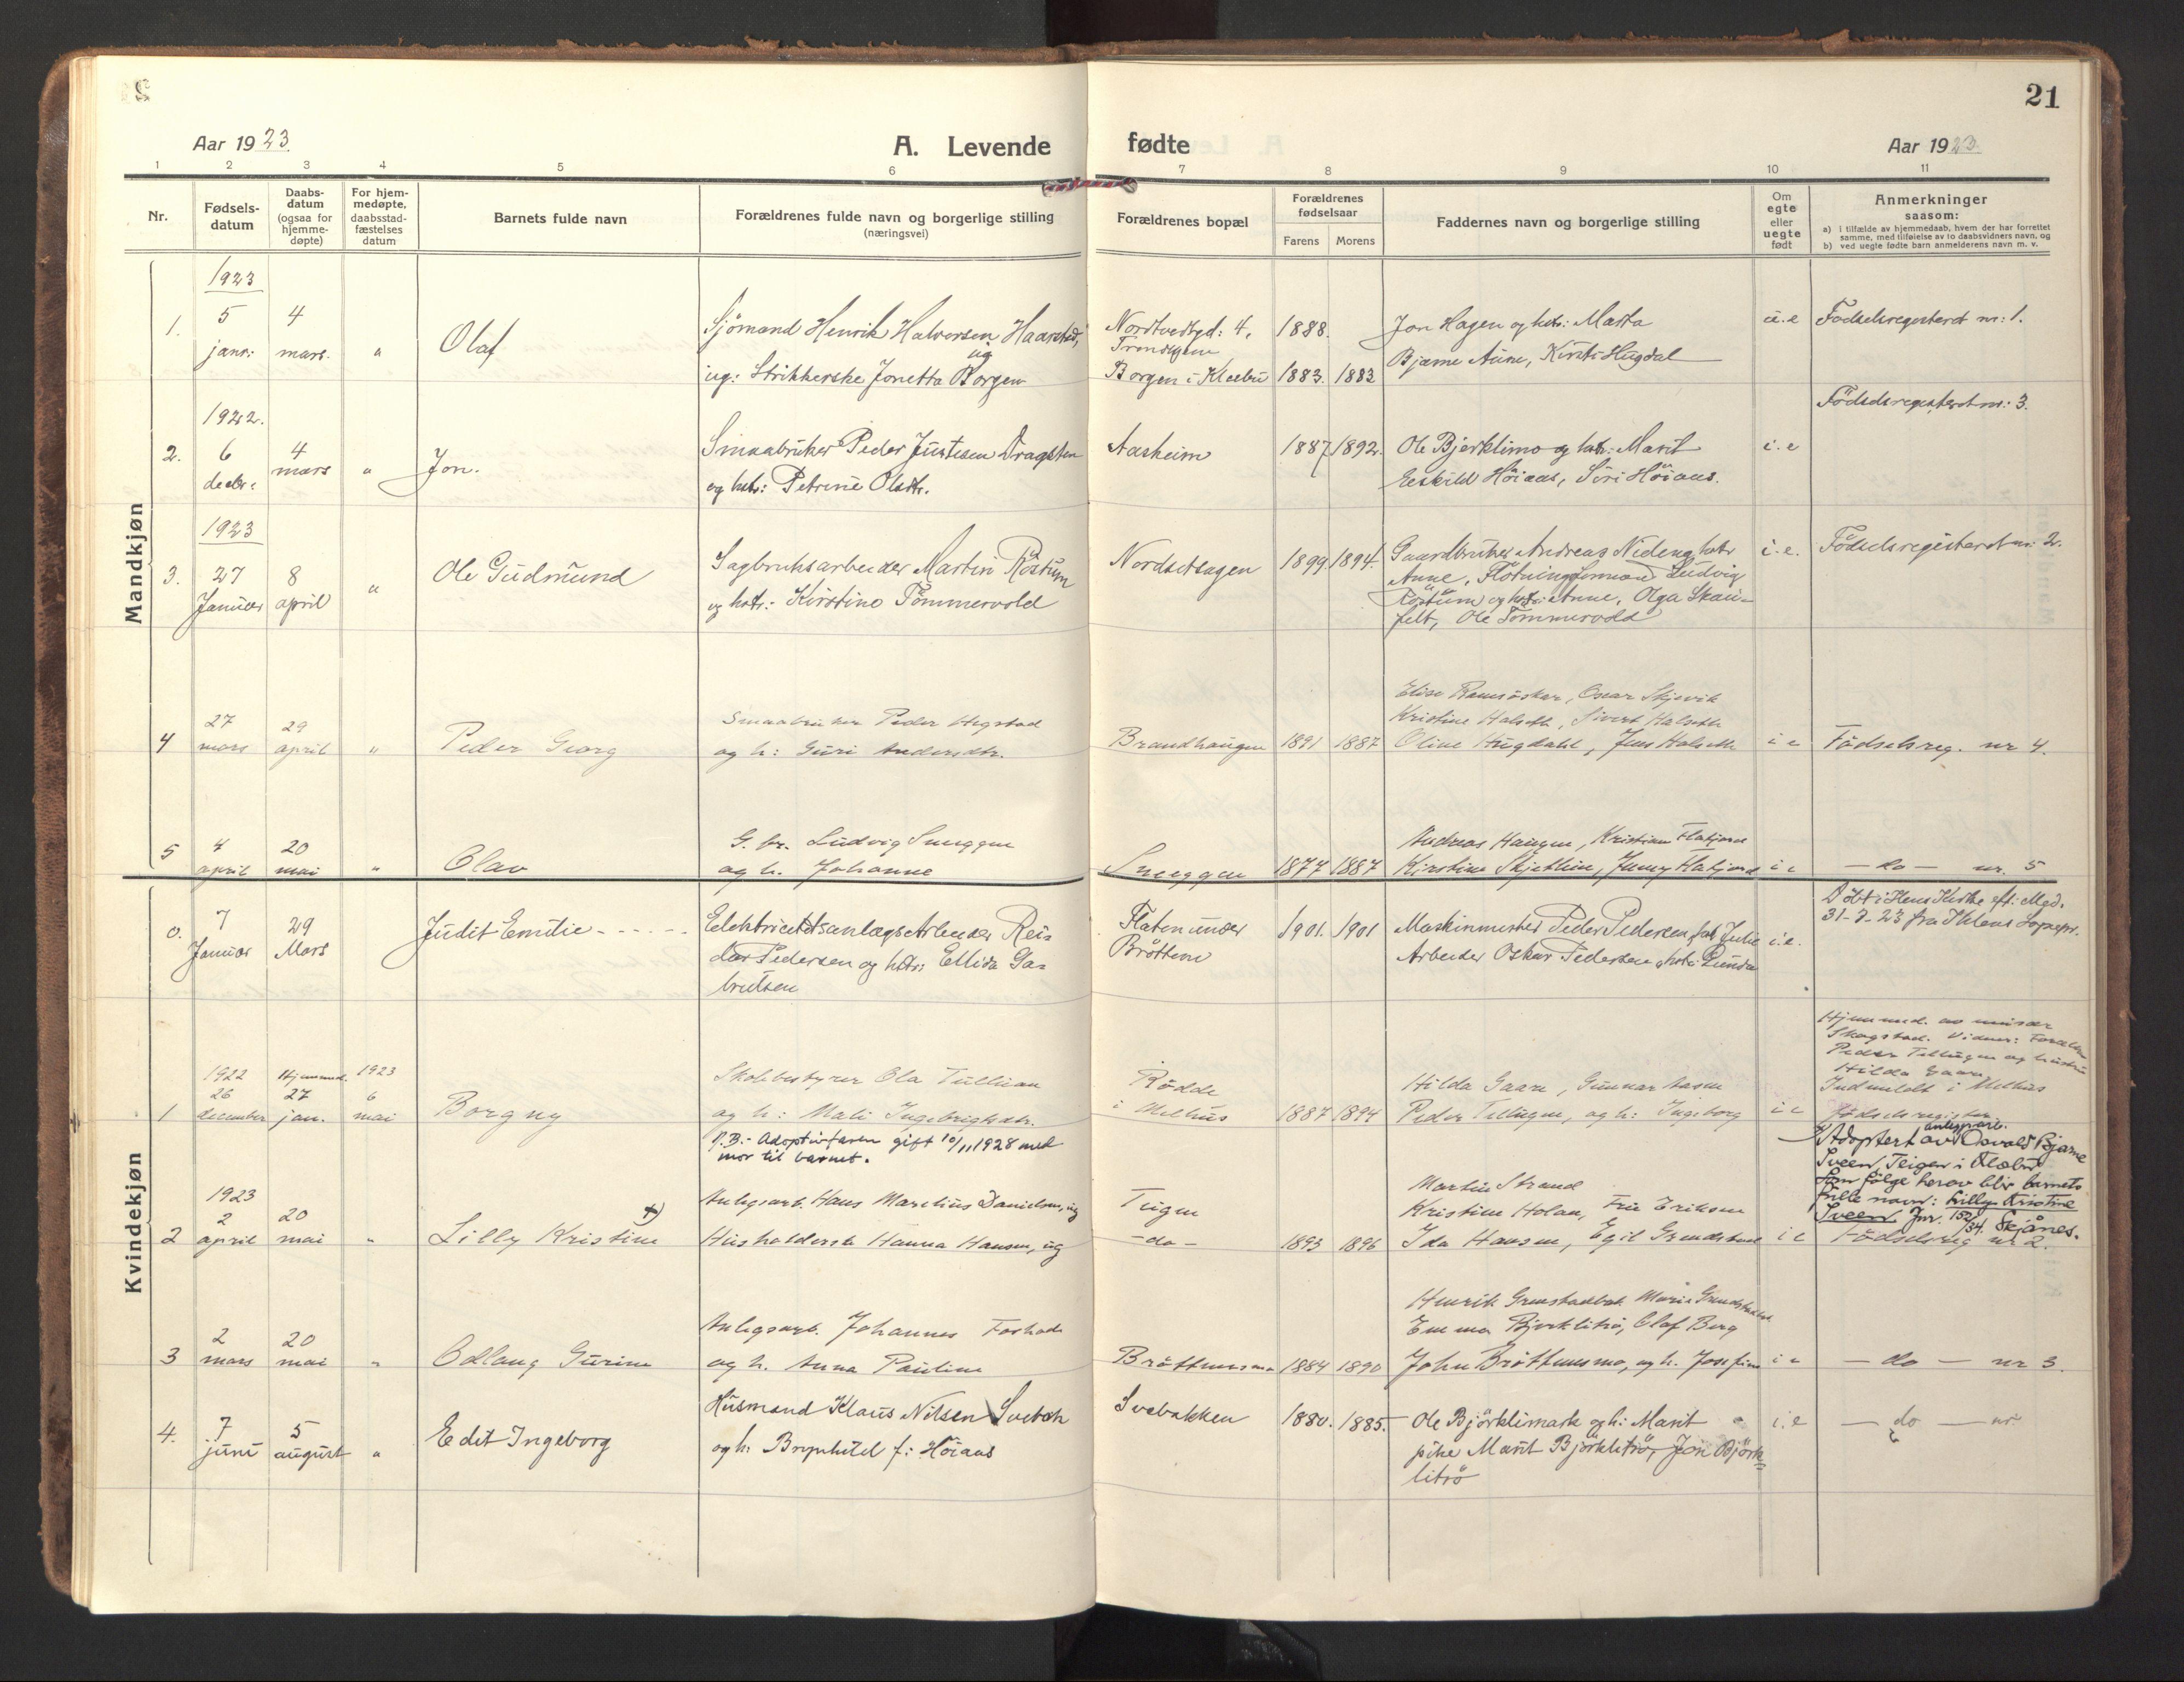 SAT, Ministerialprotokoller, klokkerbøker og fødselsregistre - Sør-Trøndelag, 618/L0449: Ministerialbok nr. 618A12, 1917-1924, s. 21